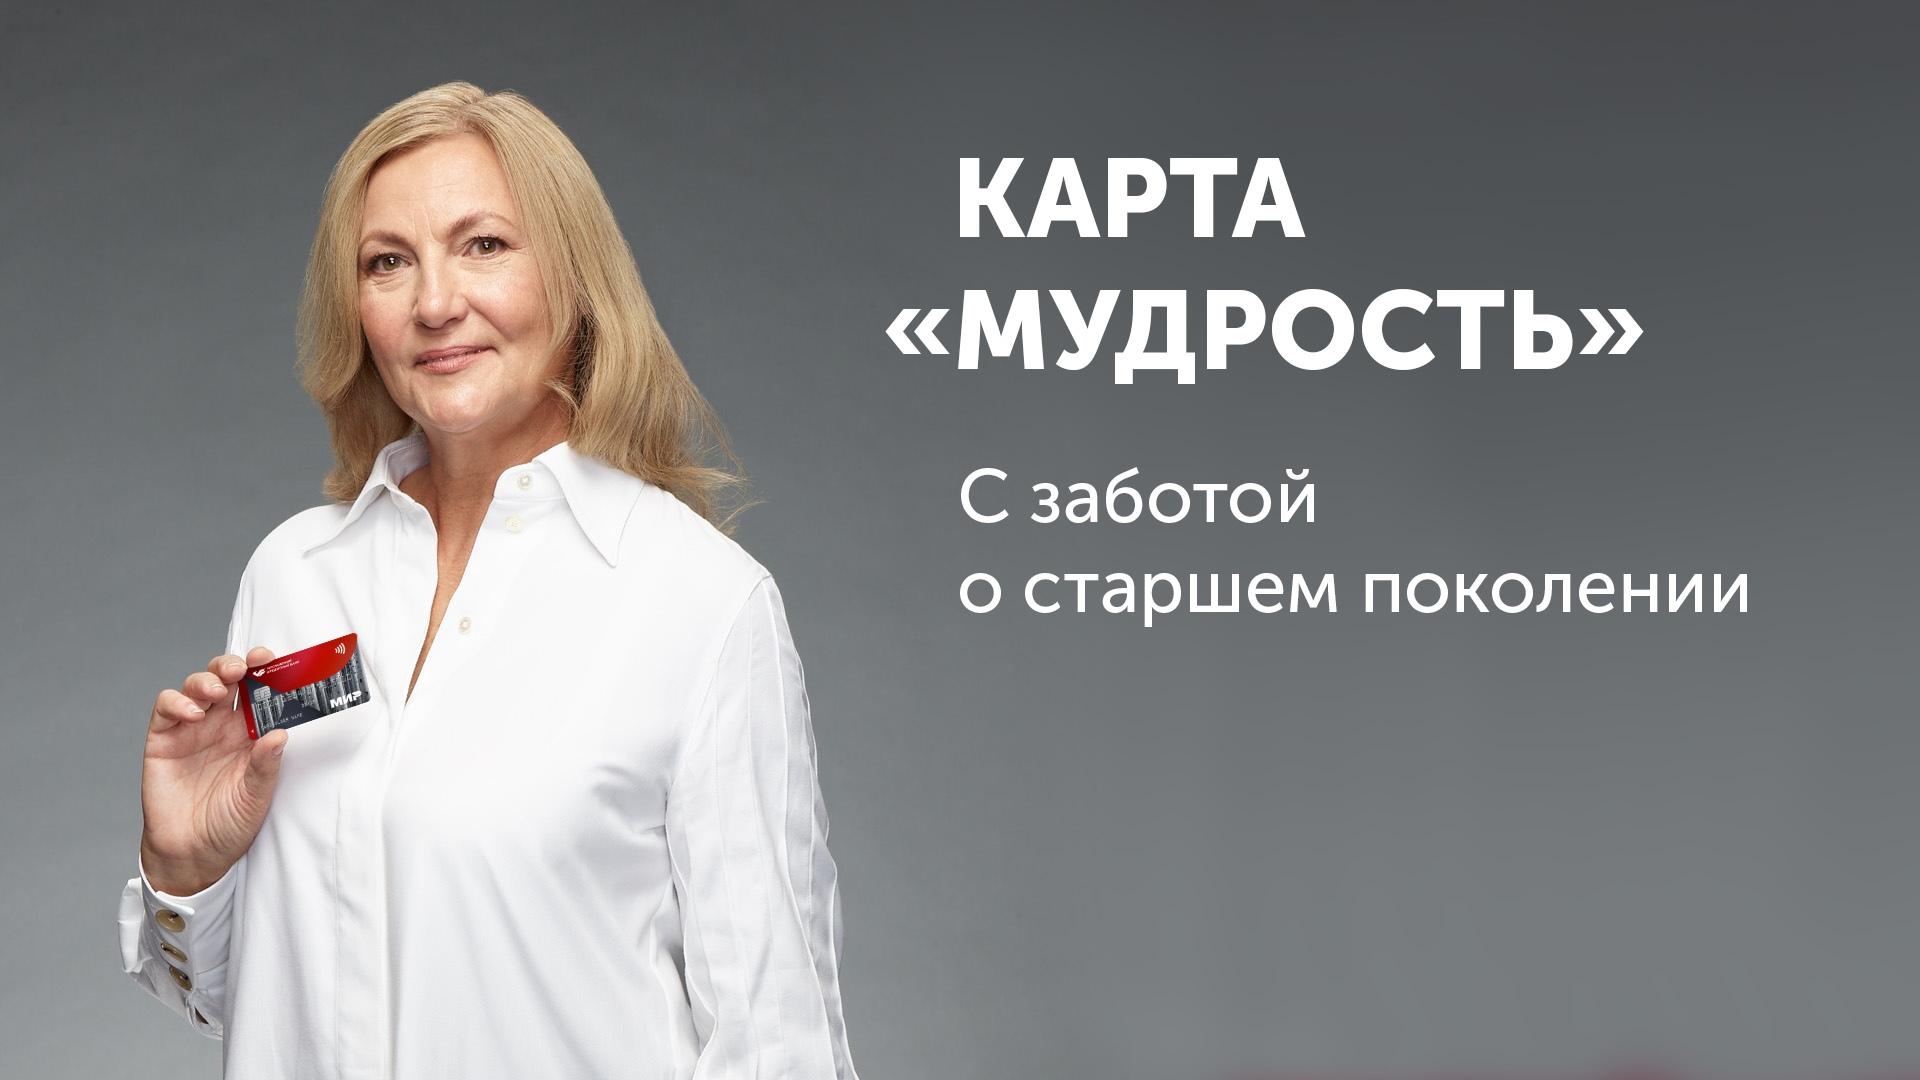 московский кредитный банк вклад онлайн кредит 19 лет срочно